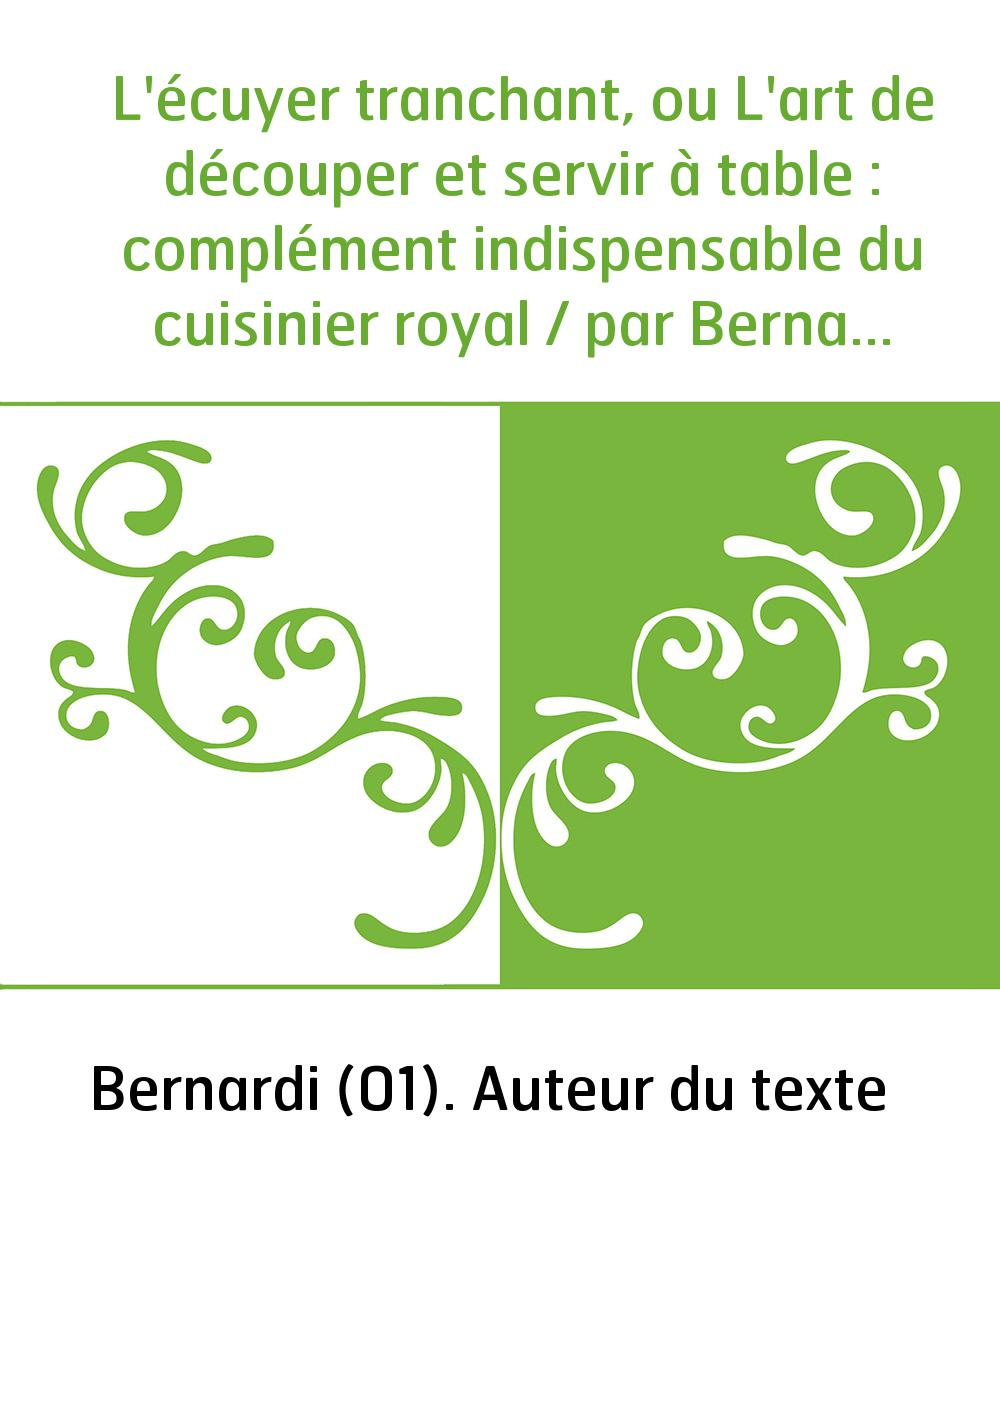 L'écuyer tranchant, ou L'art de découper et servir à table : complément indispensable du cuisinier royal / par Bernardi,...